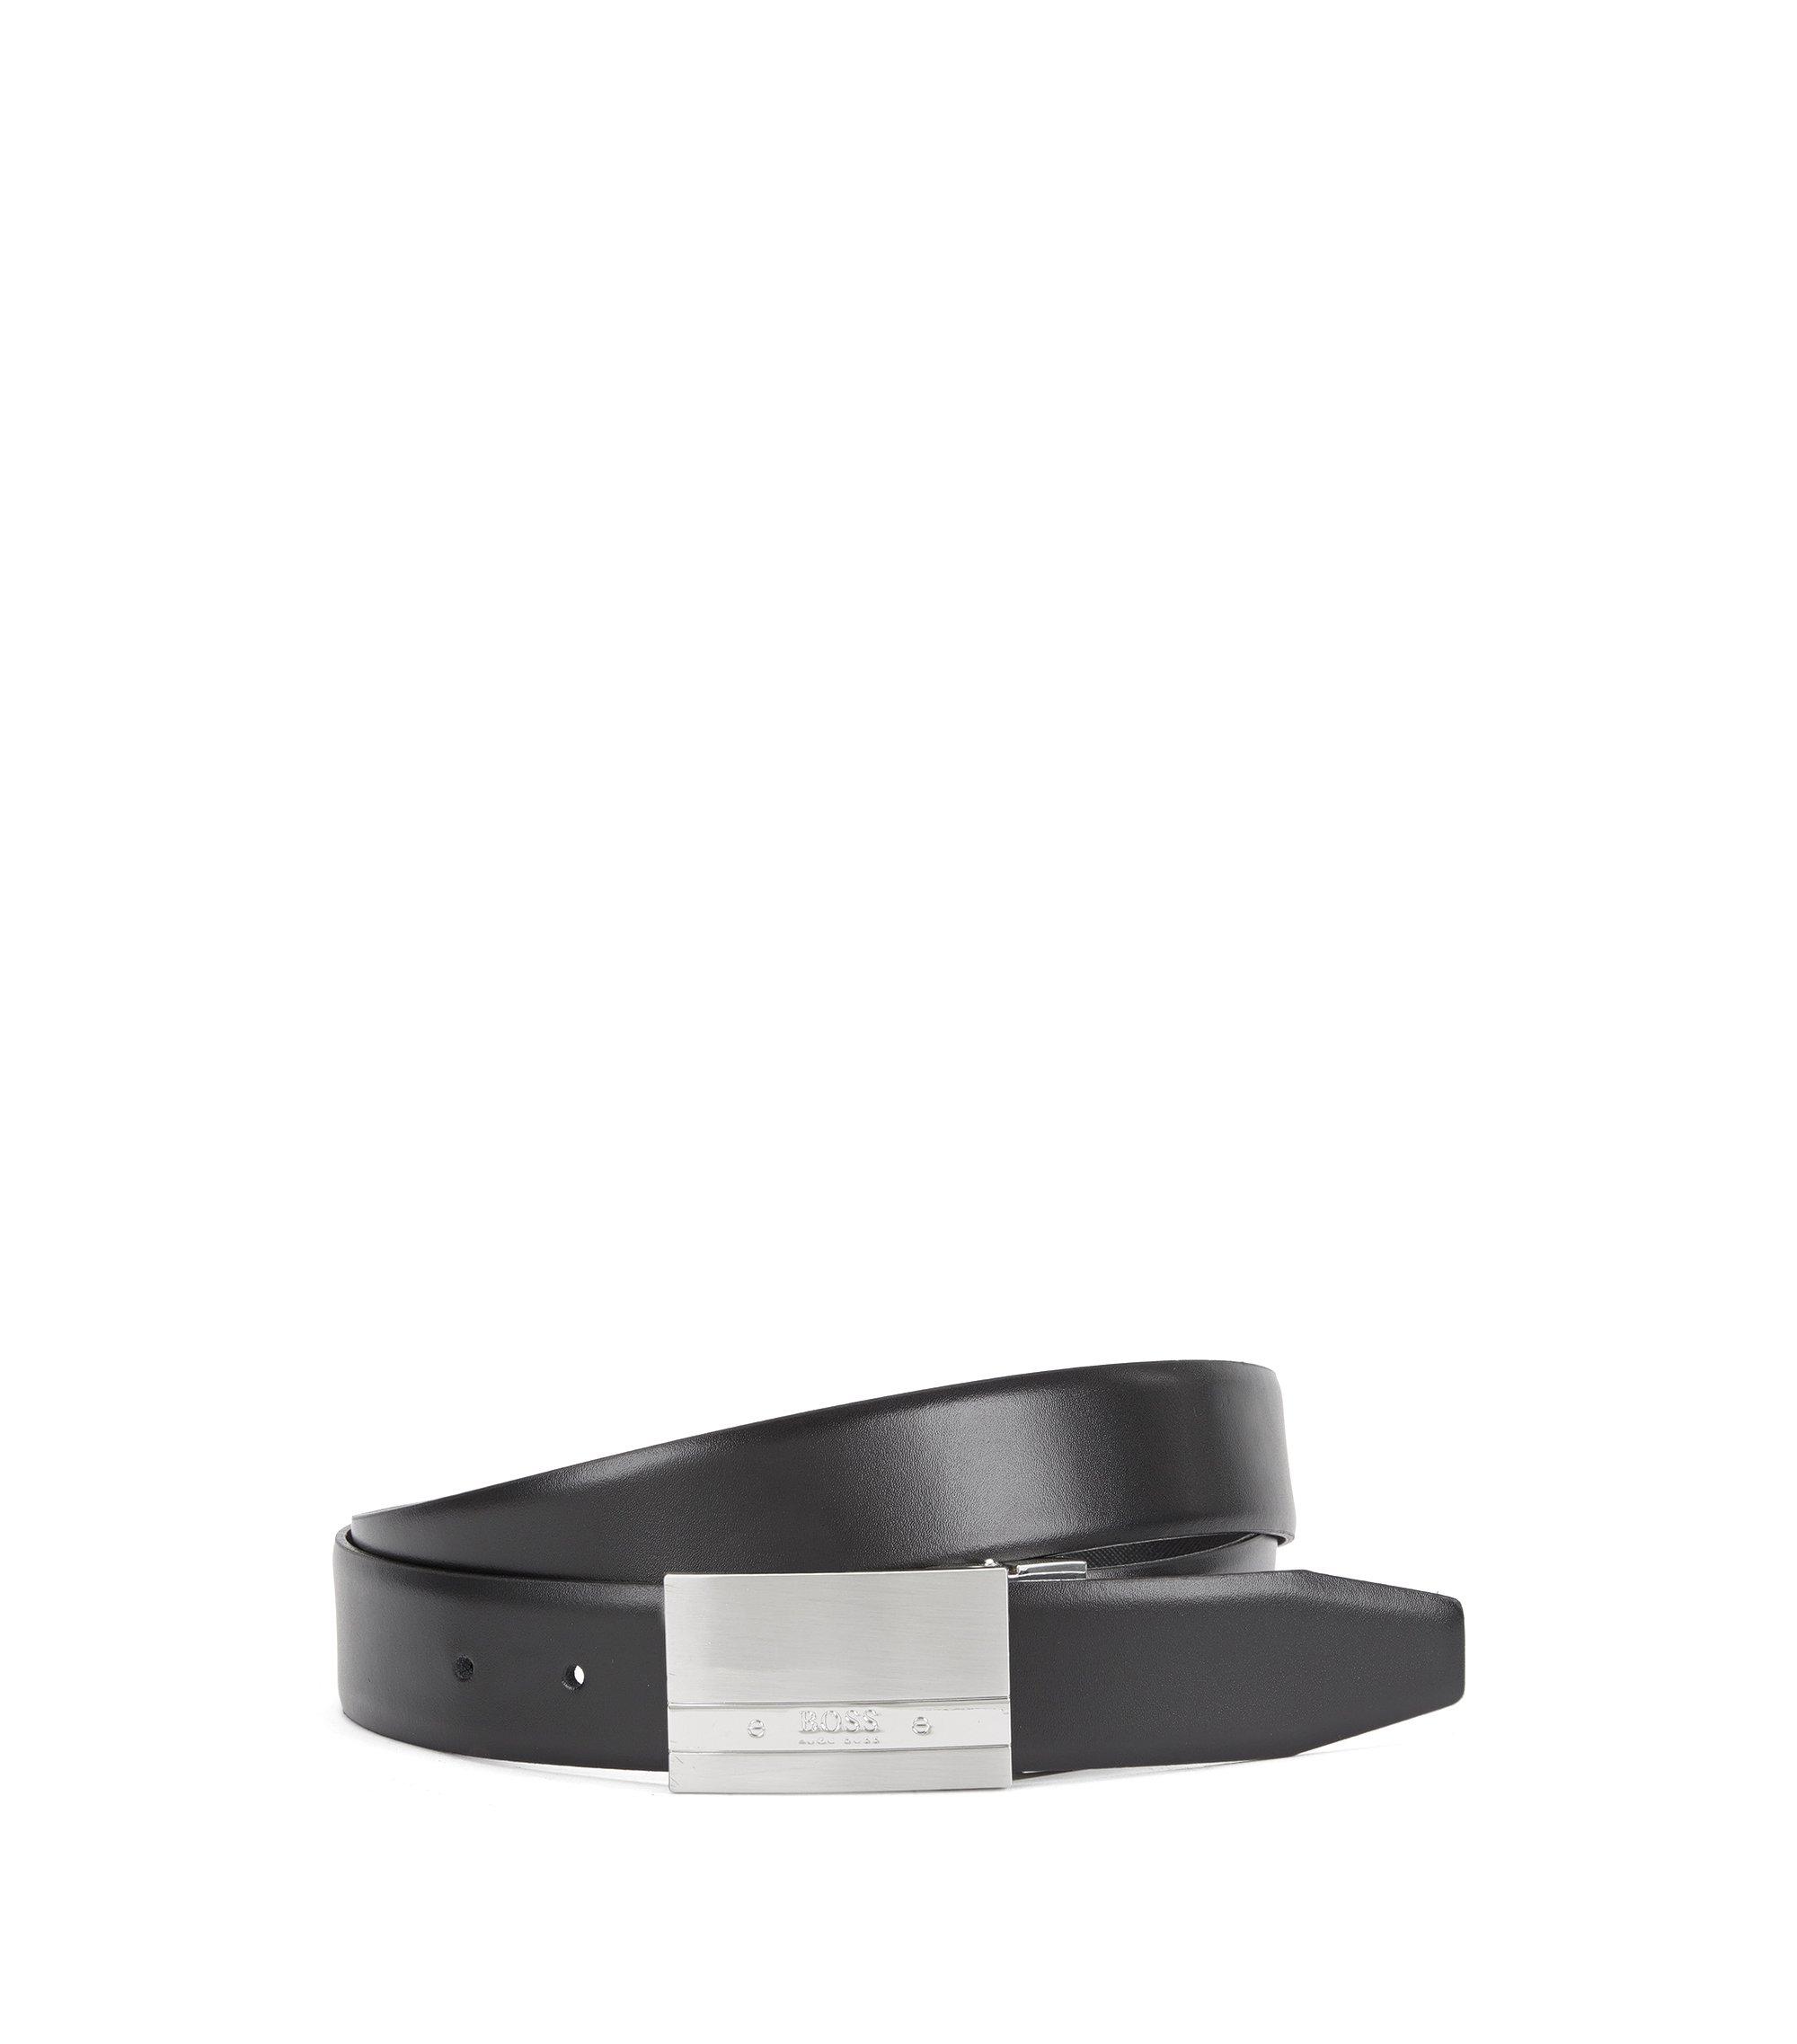 Cintura reversibile con fibbia a placca in metallo spazzolato , Nero